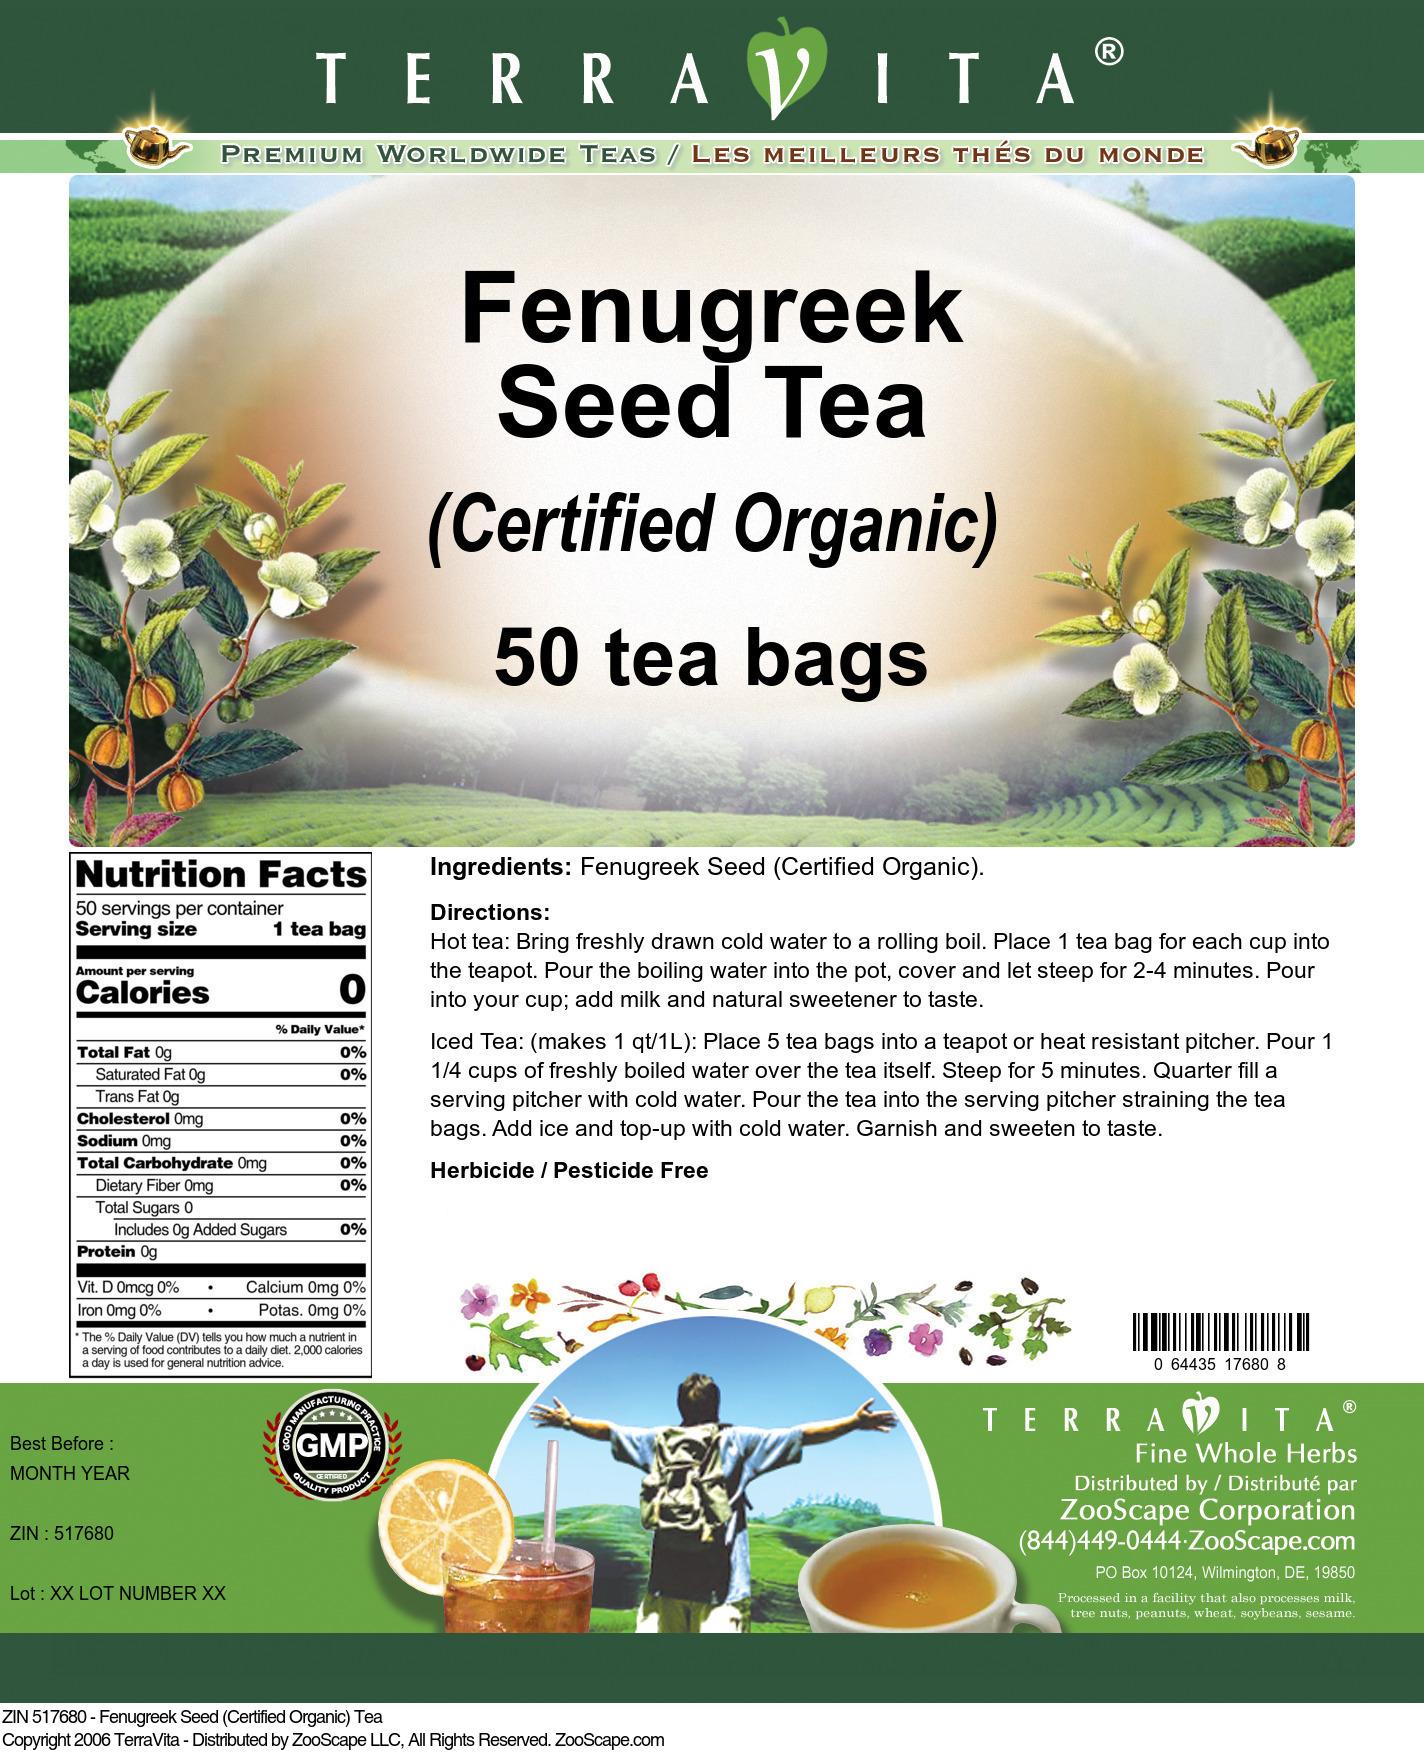 Fenugreek Seed (Certified Organic) Tea